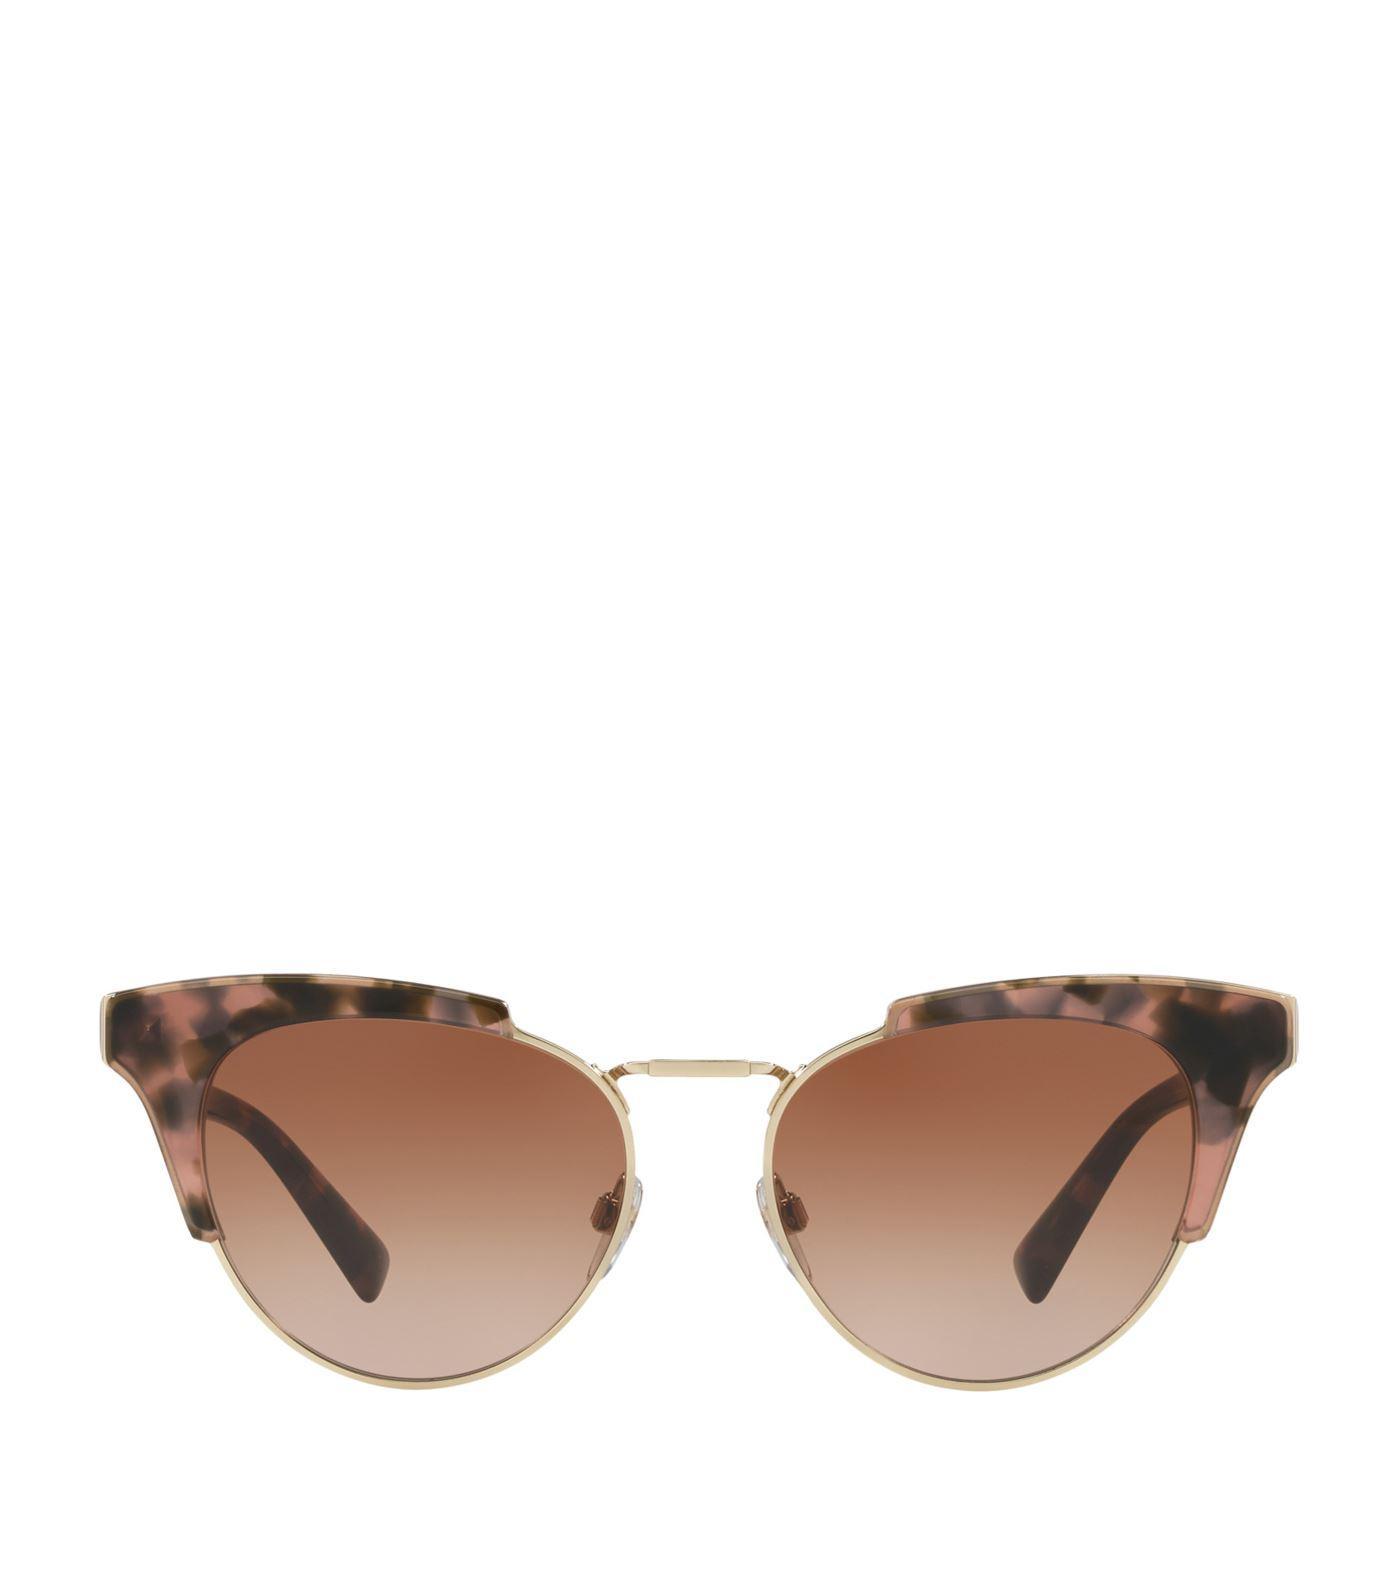 6968412c1d0 Valentino Tortoiseshell Cat Eye Sunglasses In Brown